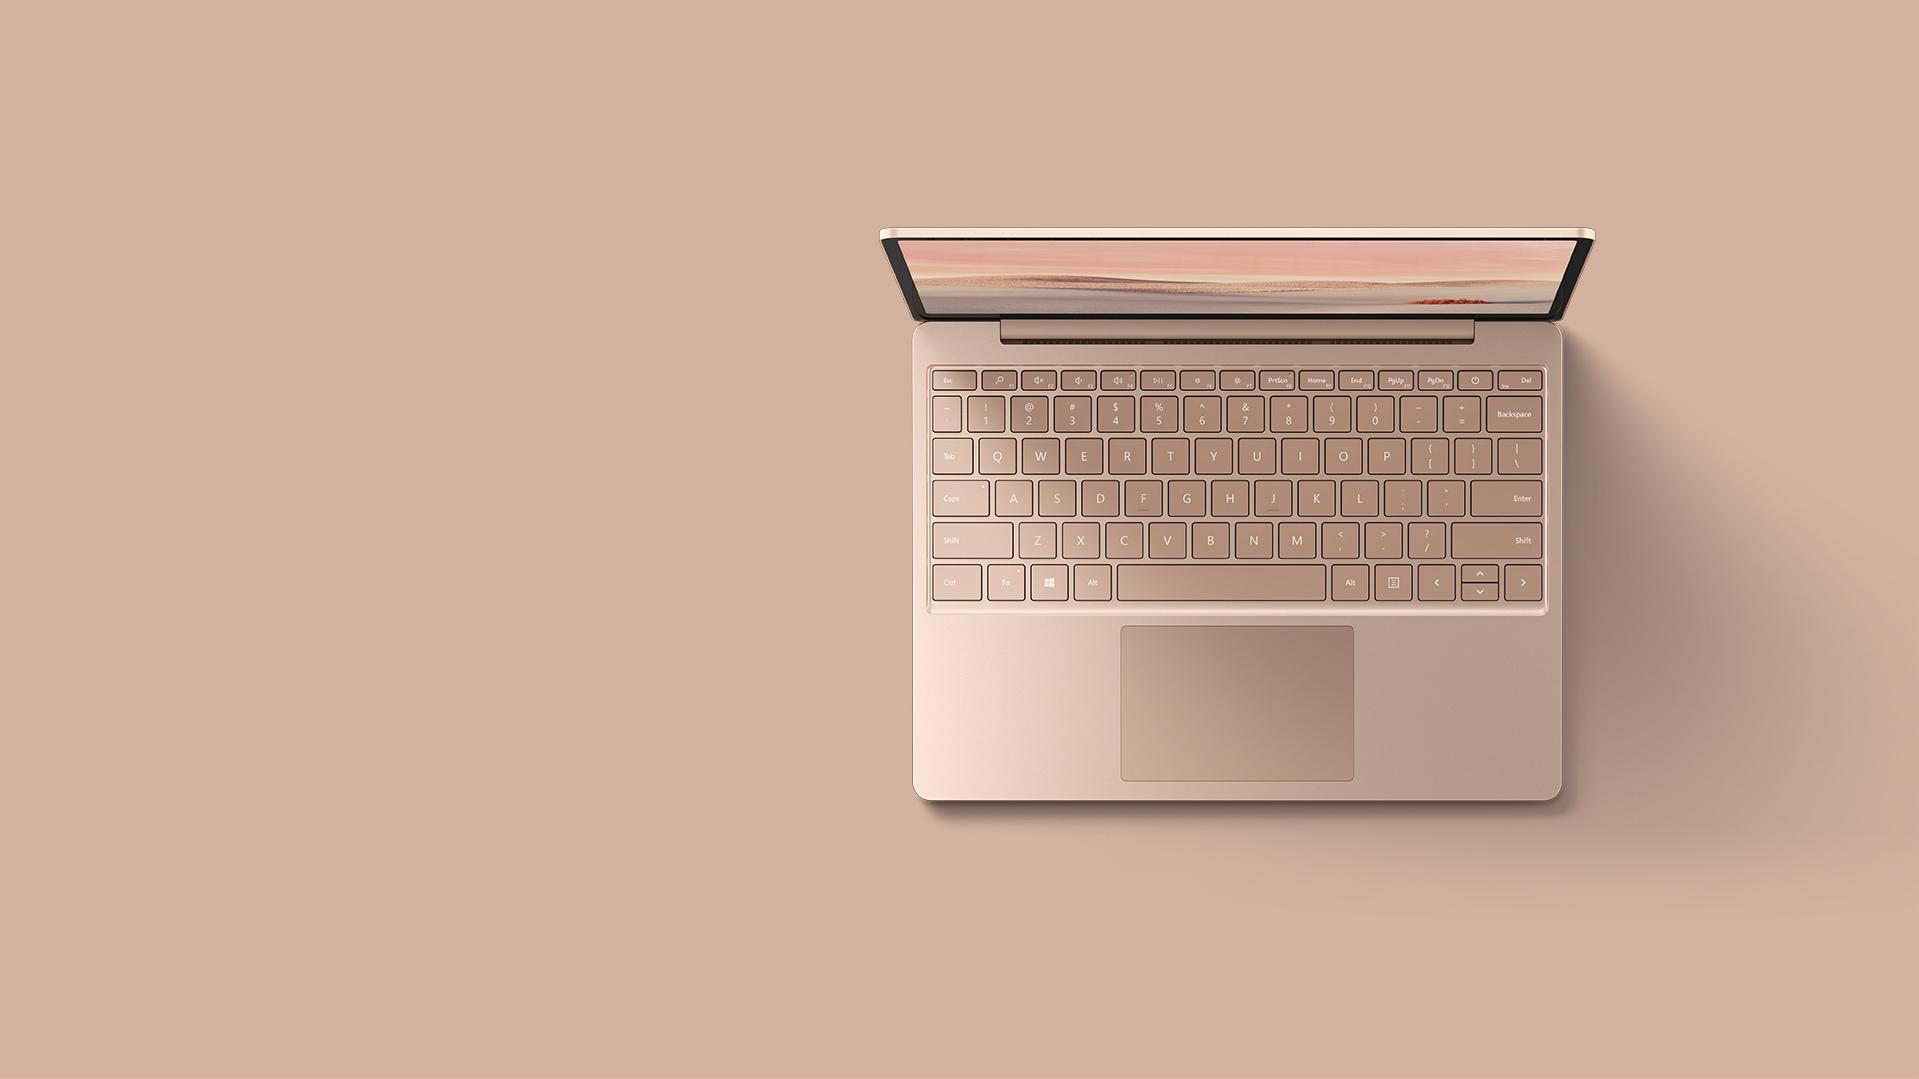 Eine Luftaufnahme des Surface Laptop Go in Sandstein vor einem passenden Hintergrund.